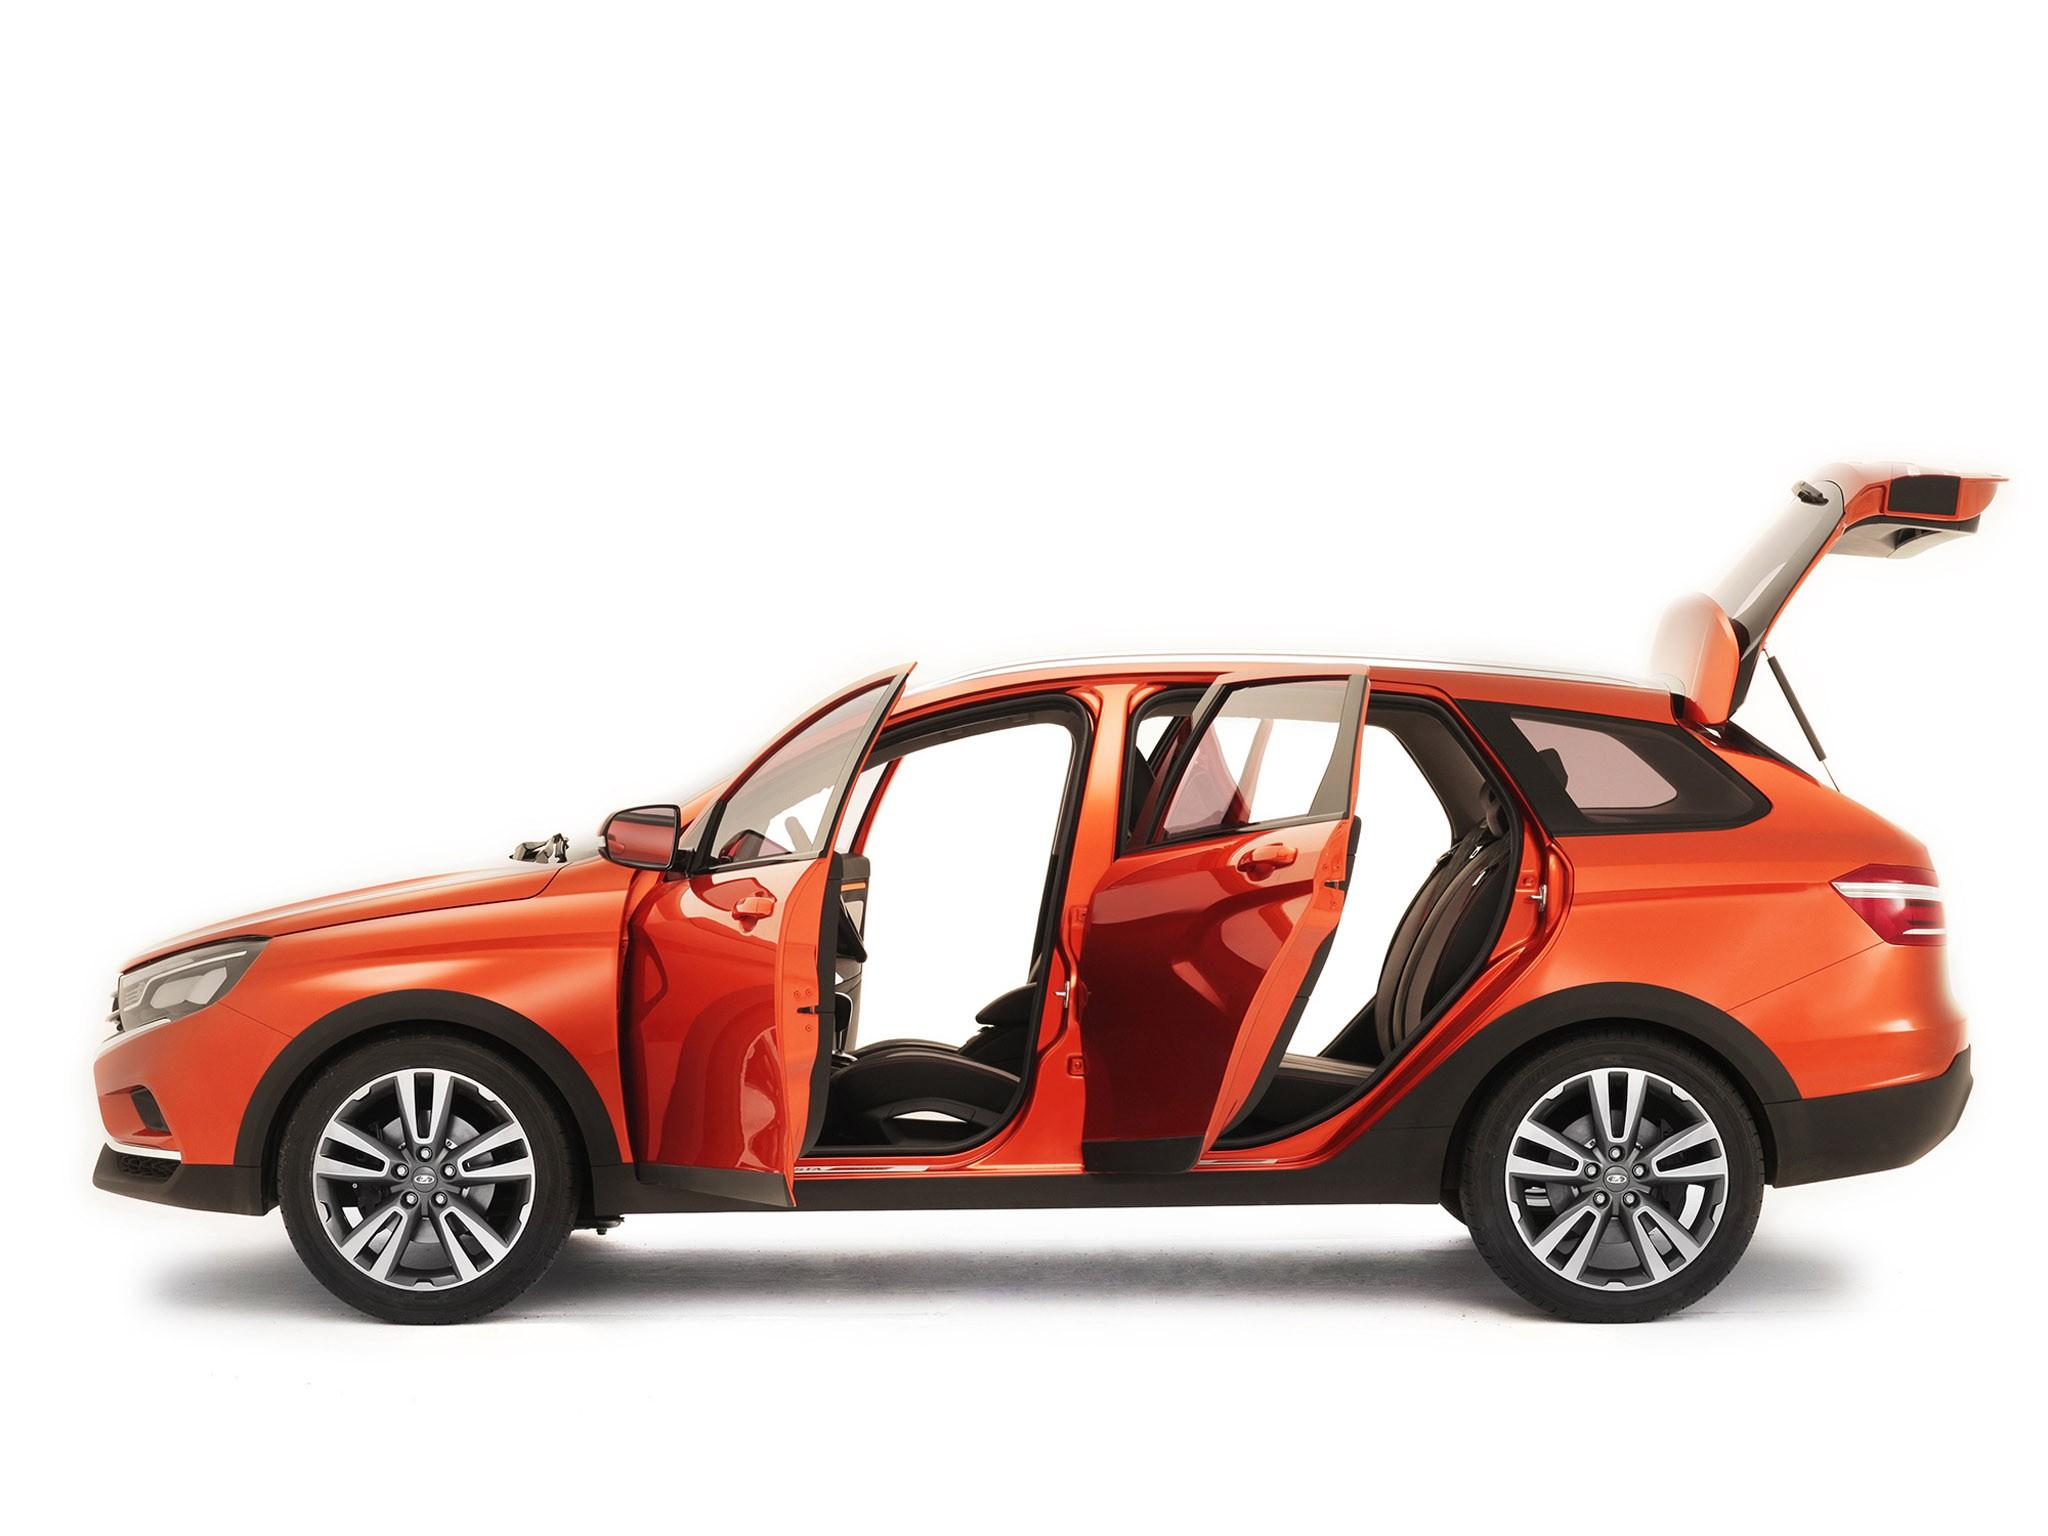 2015 Lada Vesta Cross Concept